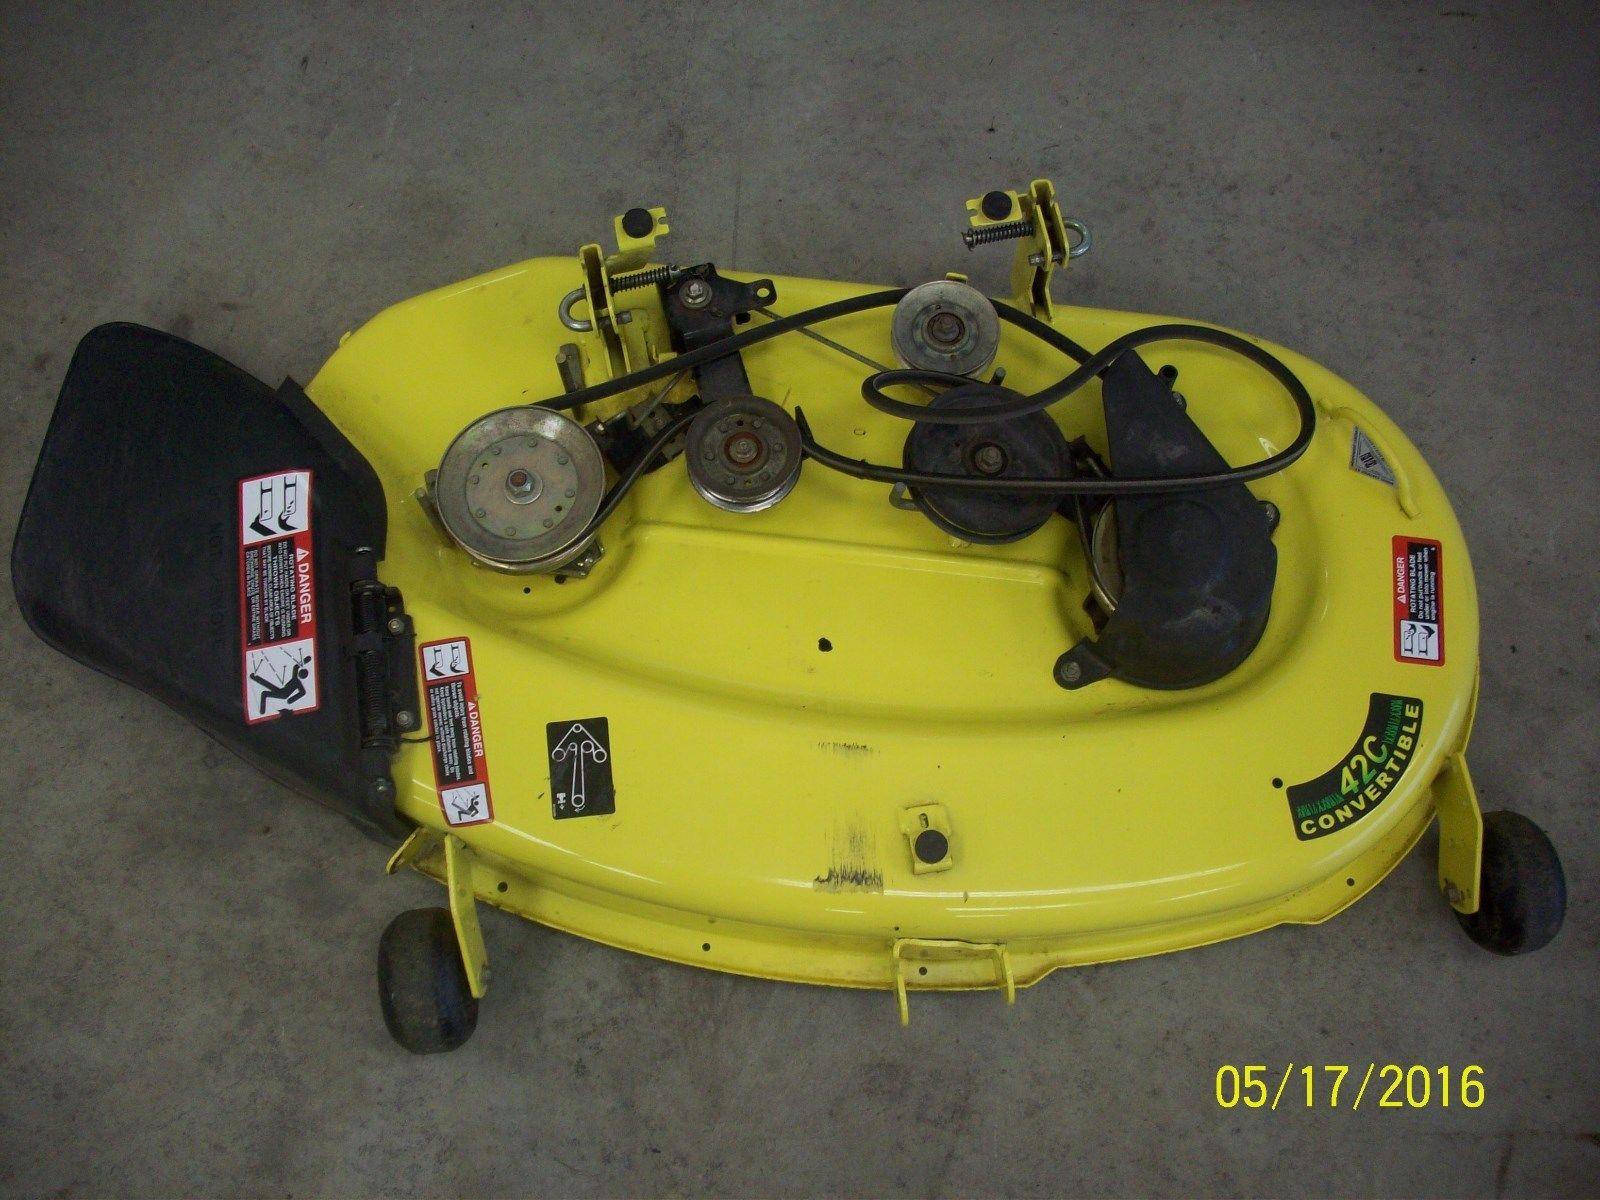 John Deere Lt160 42c Lawn Tractor Lt Series La110 Wiring Diagram Tractors Parts Manuals